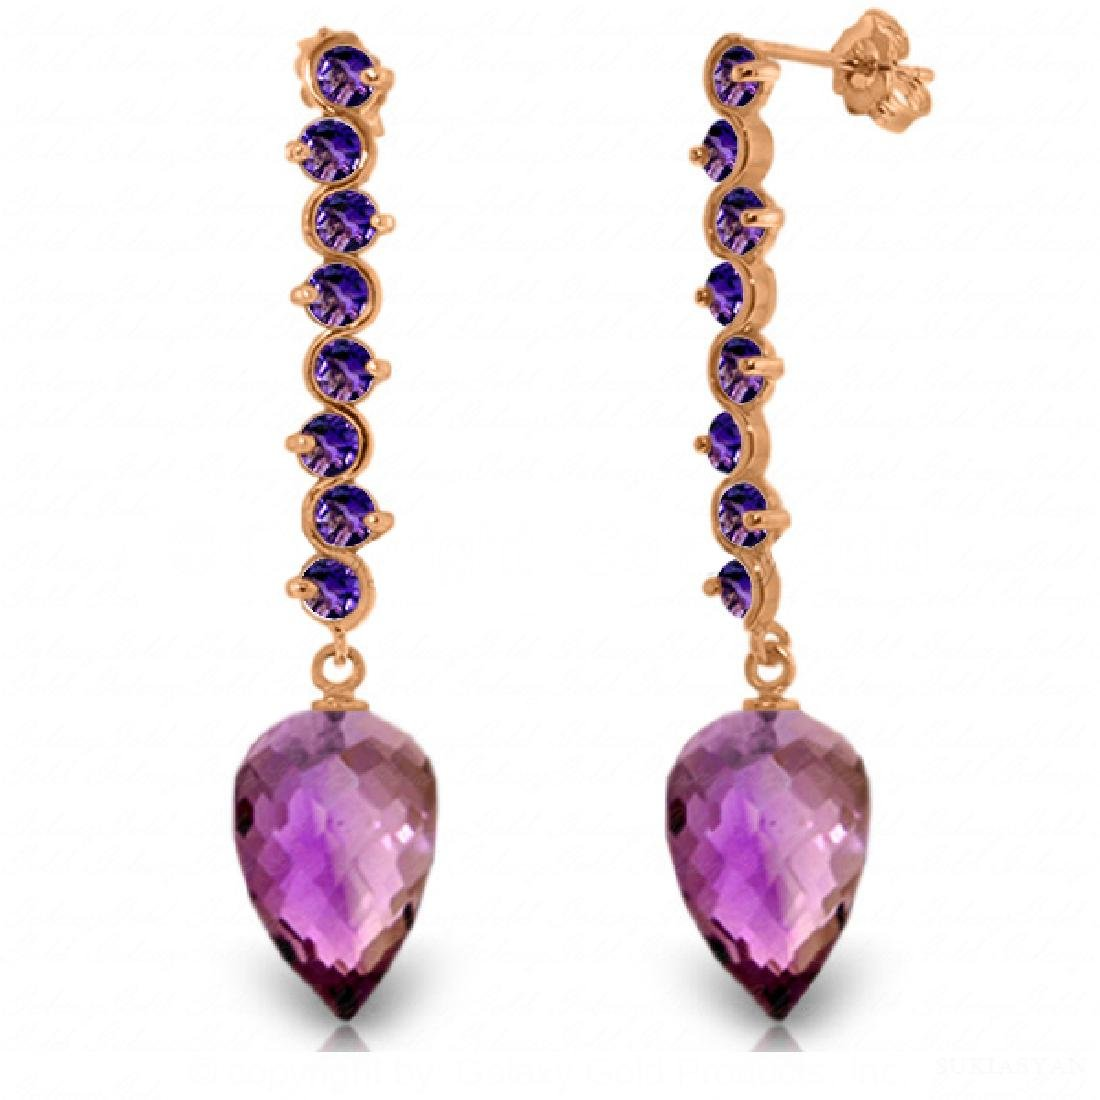 Genuine 22.1 ctw Amethyst Earrings Jewelry 14KT Rose